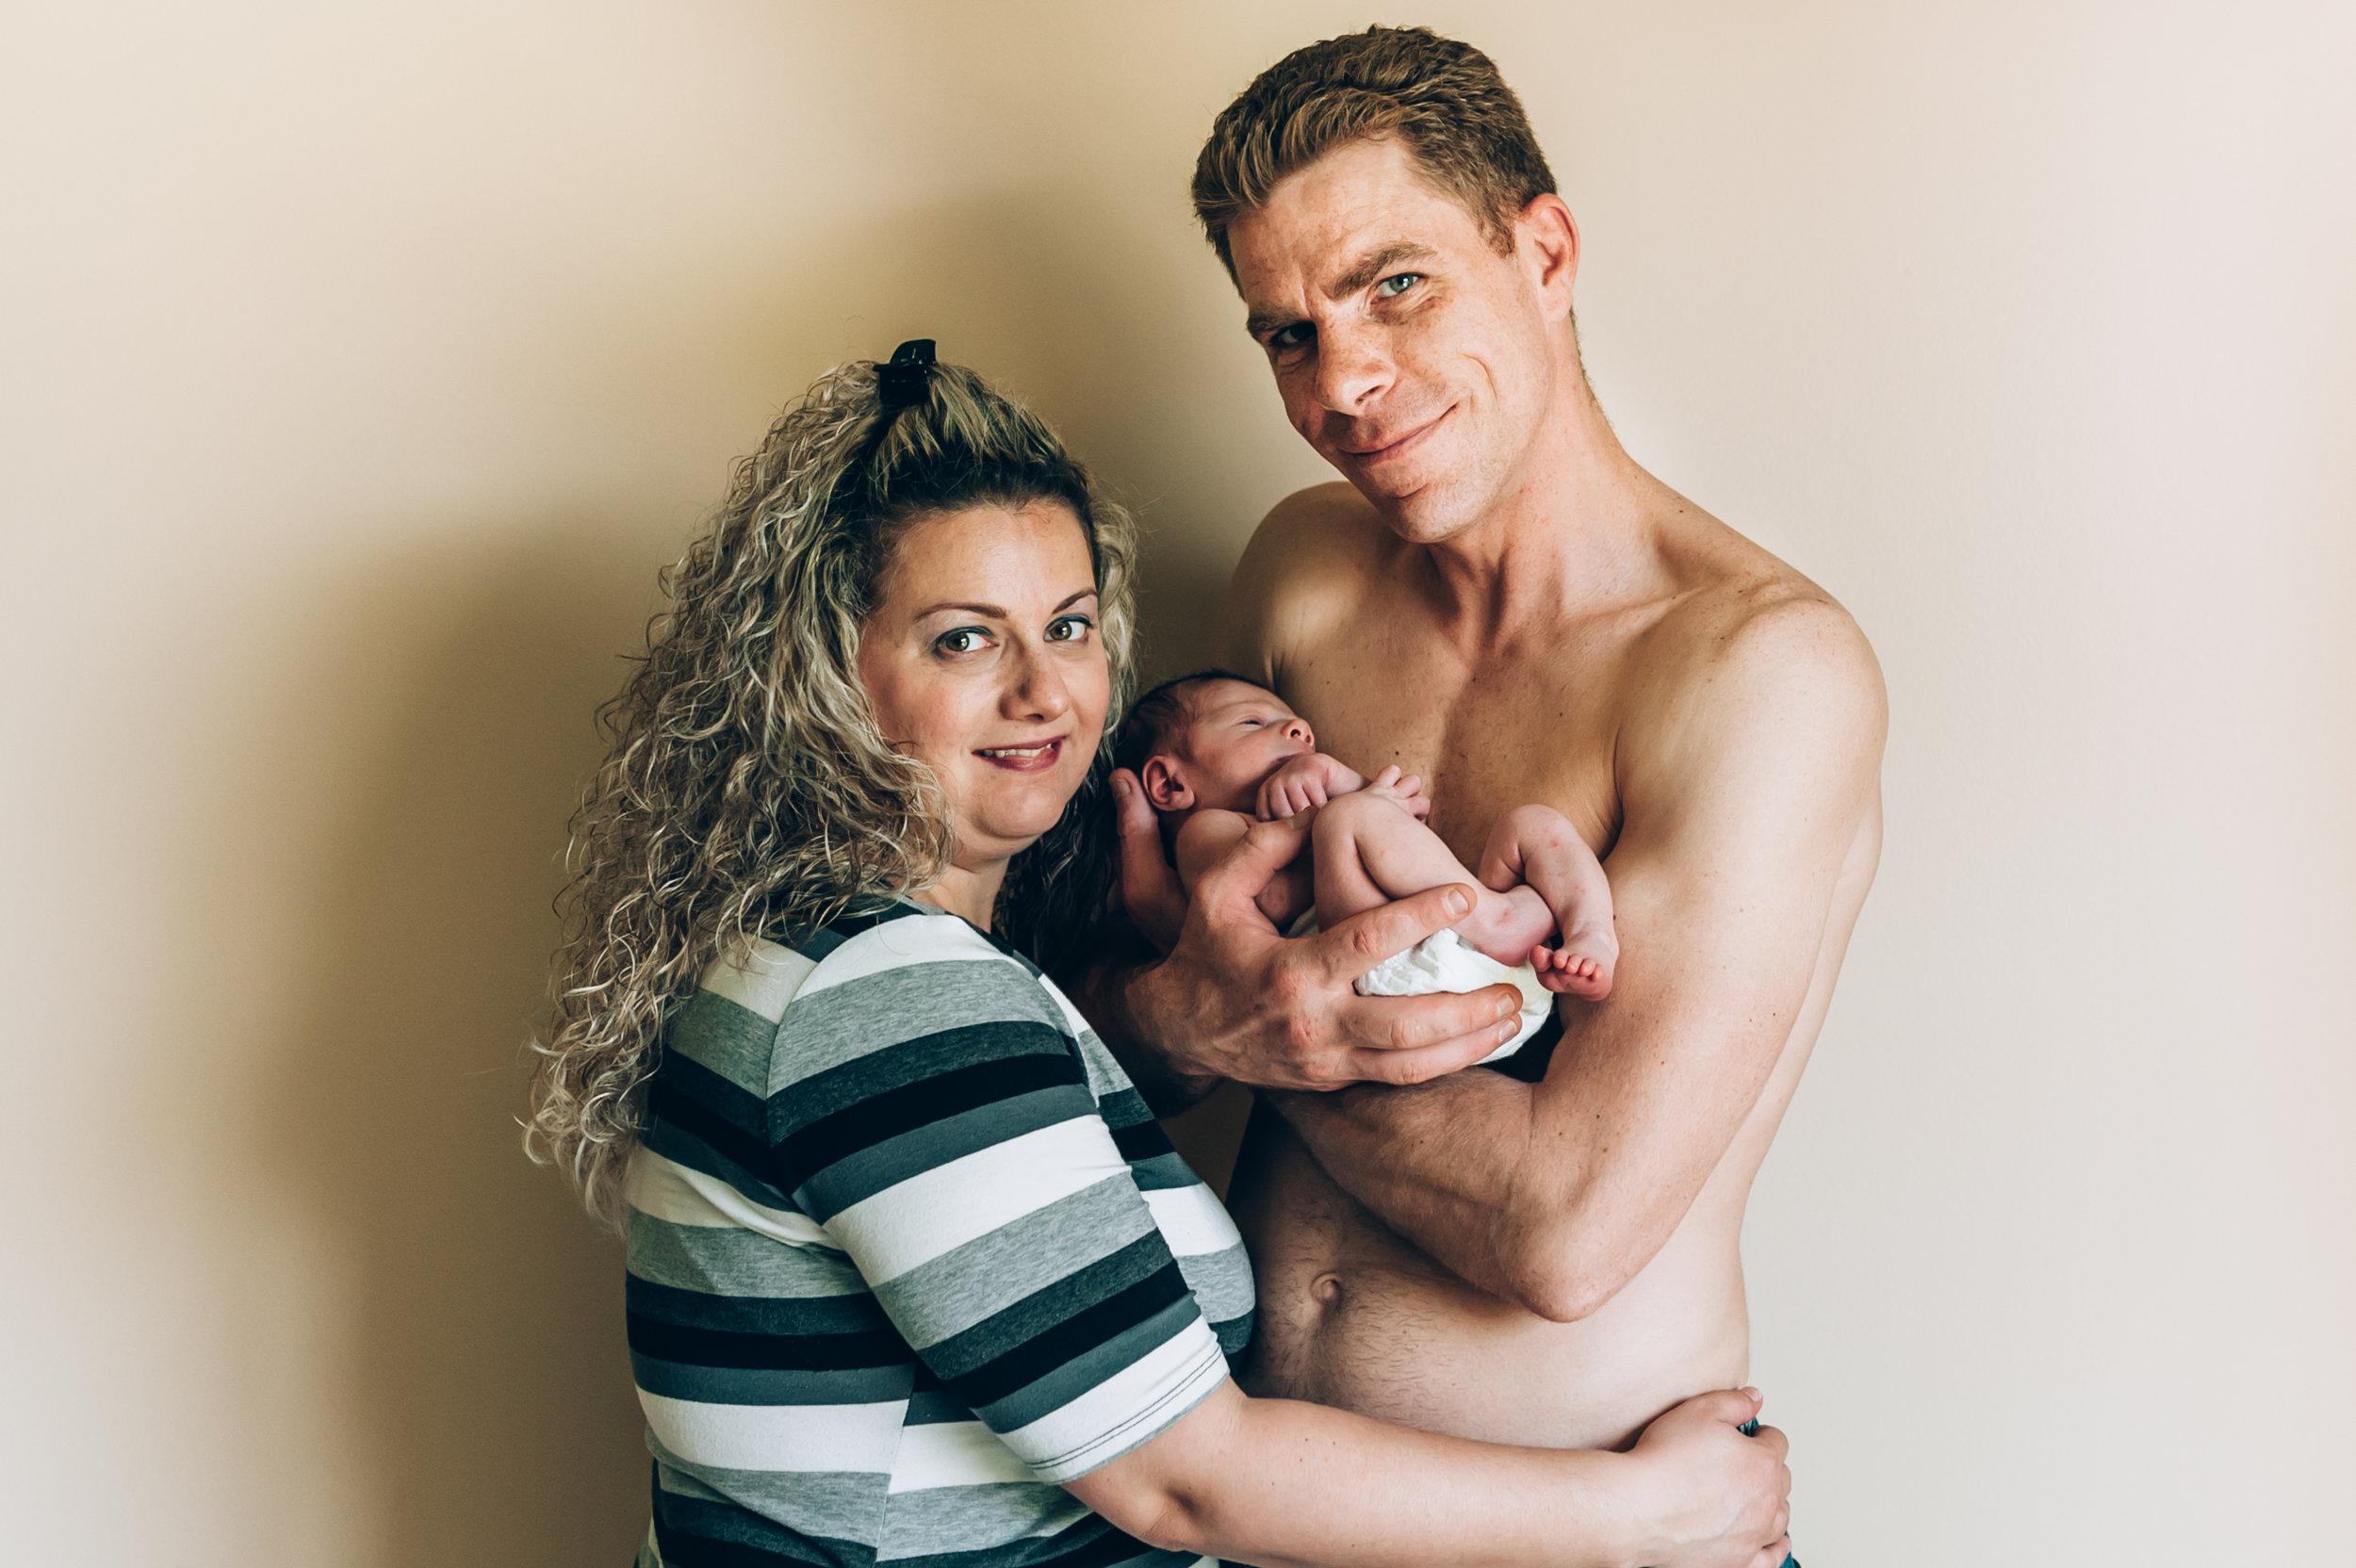 newborn photographer, burlington newborn photographer, babies, newborn, lifestyle photographer,family